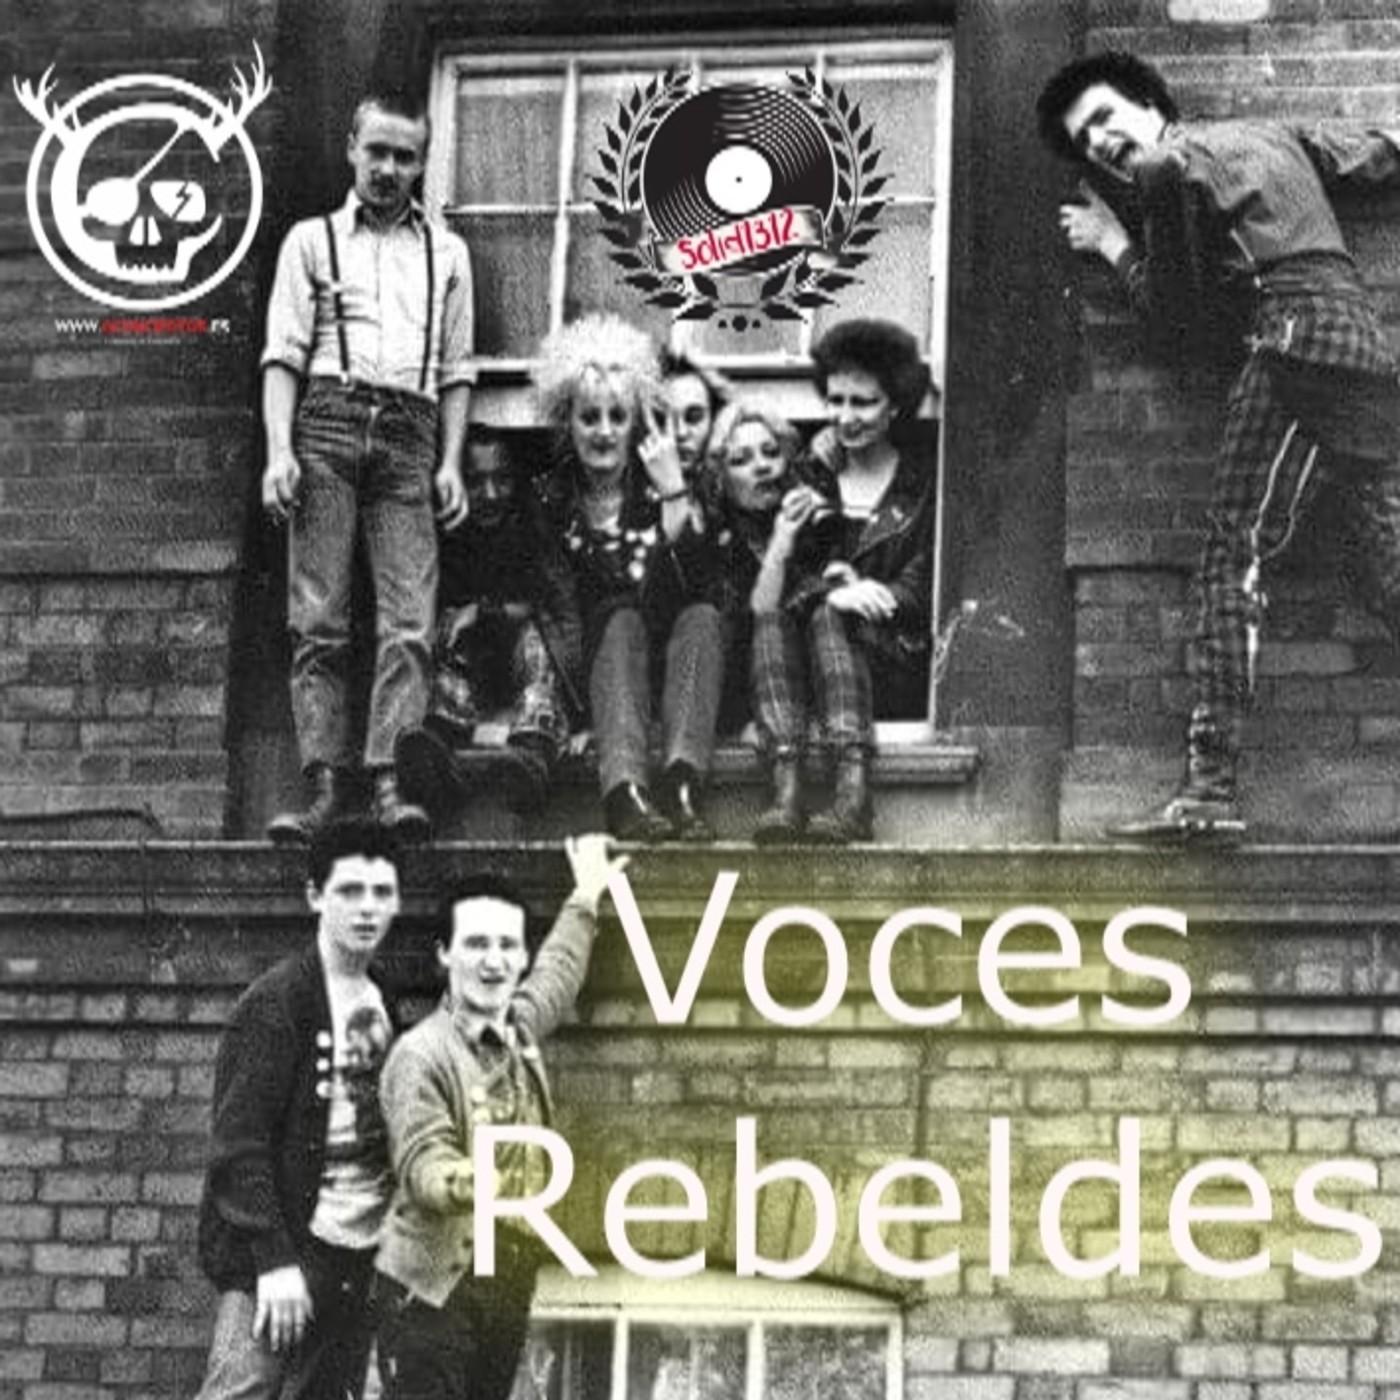 VOCES REBELDES